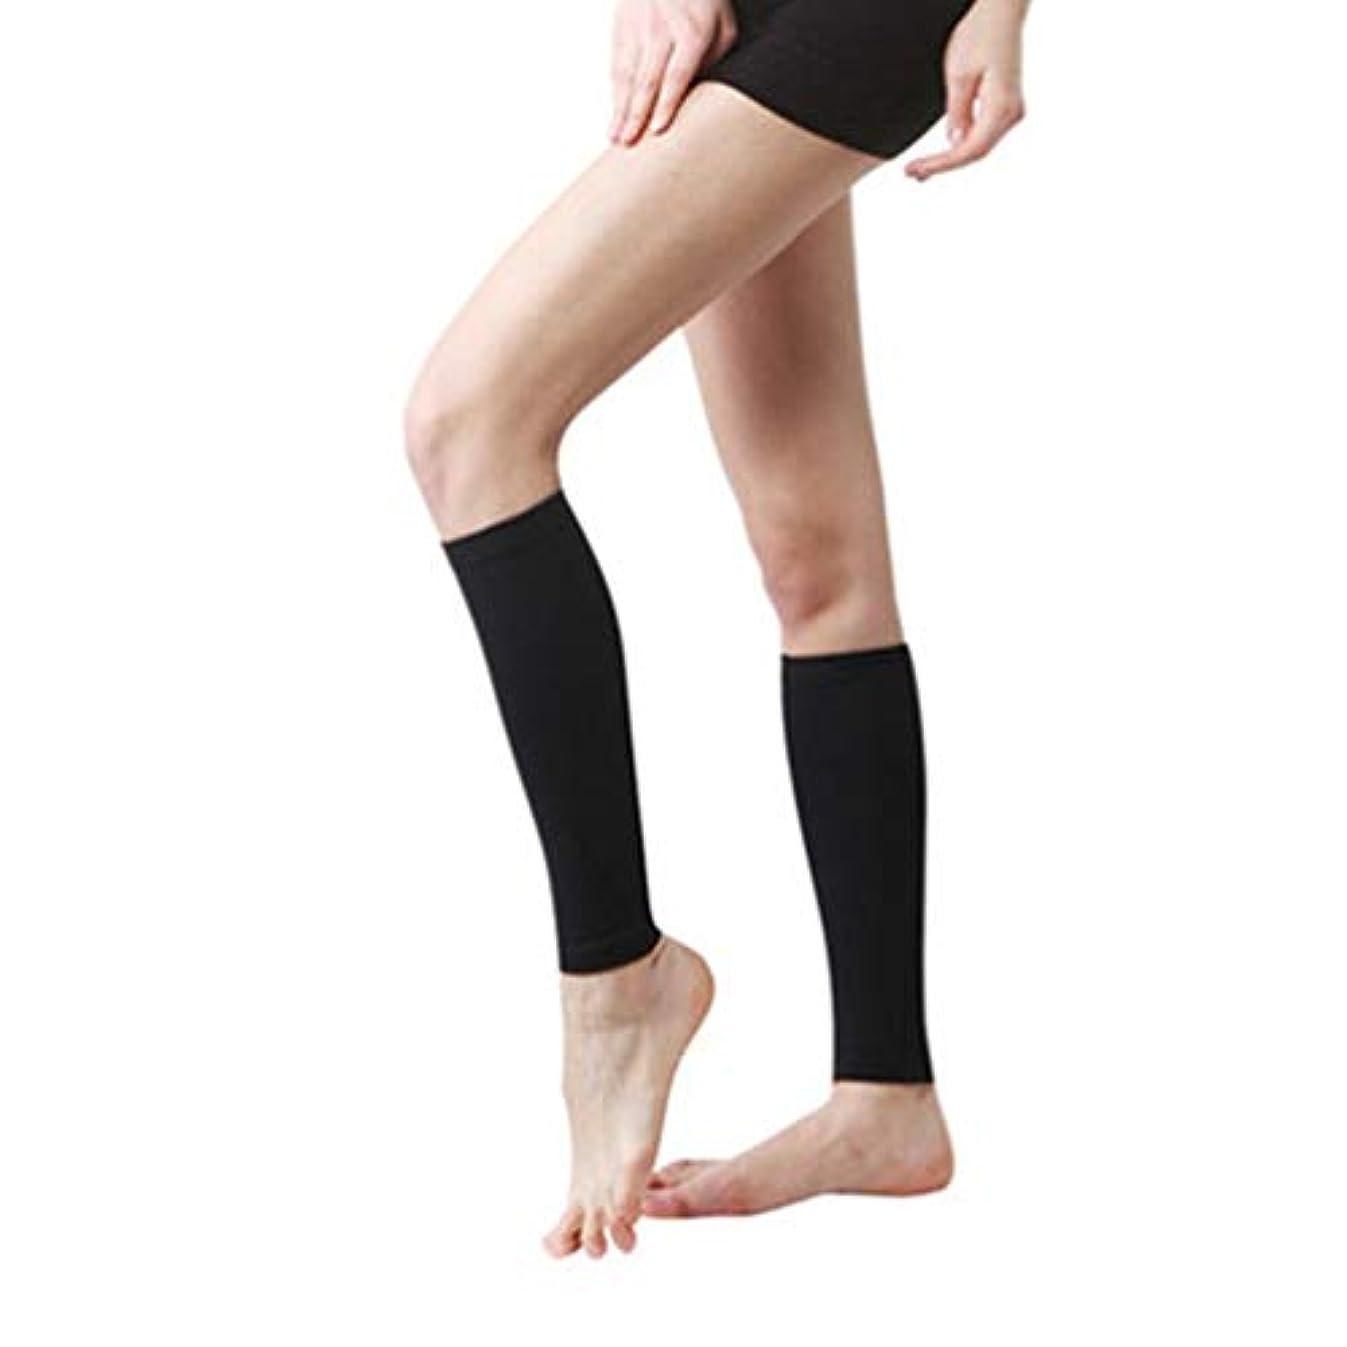 評論家聖なる魅惑する丈夫な男性女性プロの圧縮靴下通気性のある旅行活動看護師用シンススプリントフライトトラベル - ブラック